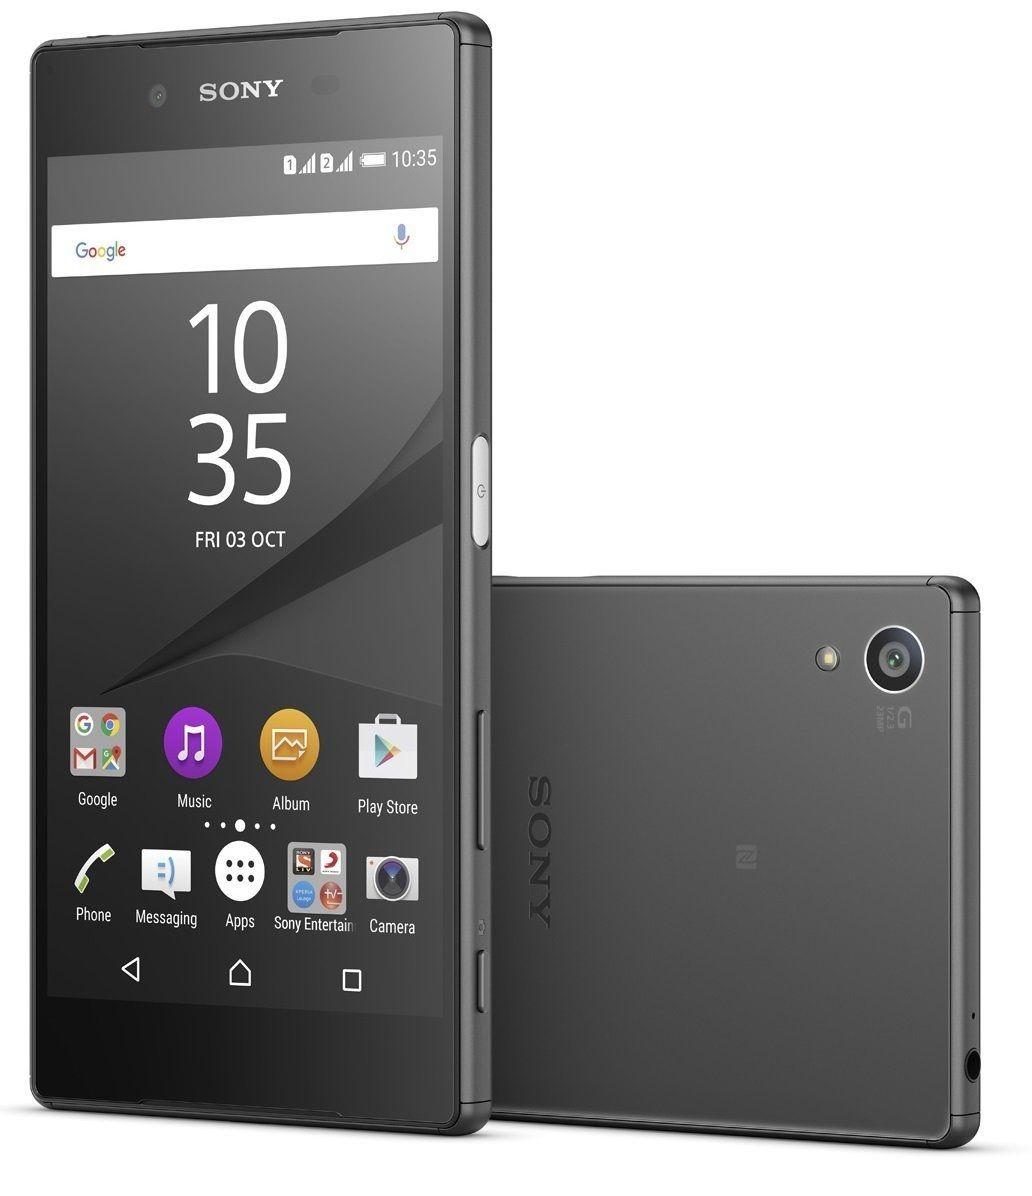 Sony Xperia Z5 E6633 Dual Sim (2G)* 4G 32GB Black Sony